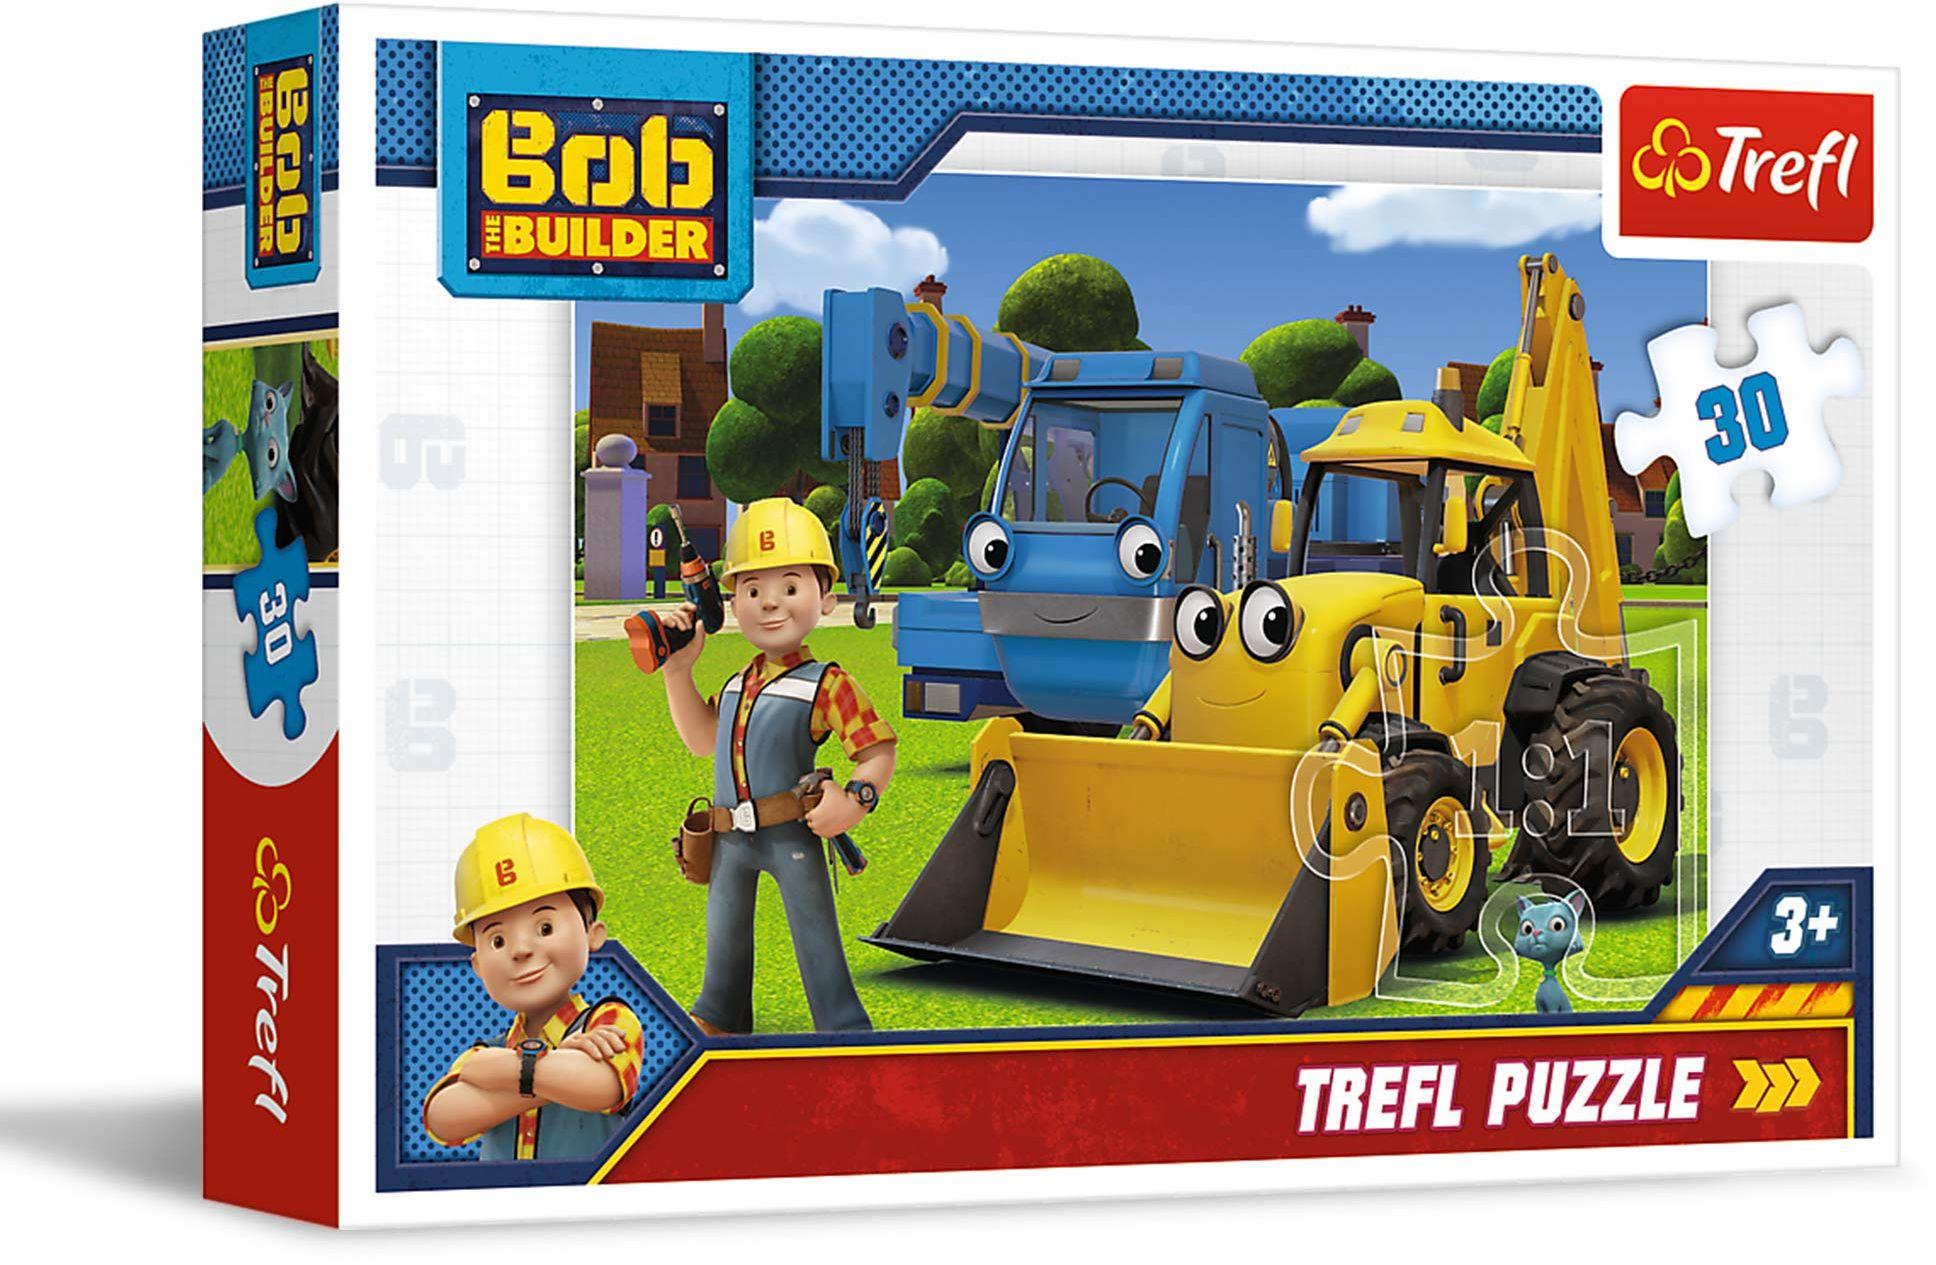 Trefl Nowe Wyzwanie Puzzle 30 Elementów Bob the Builder o Wysokiej Jakości Nadruku dla Dzieci od 3 lat